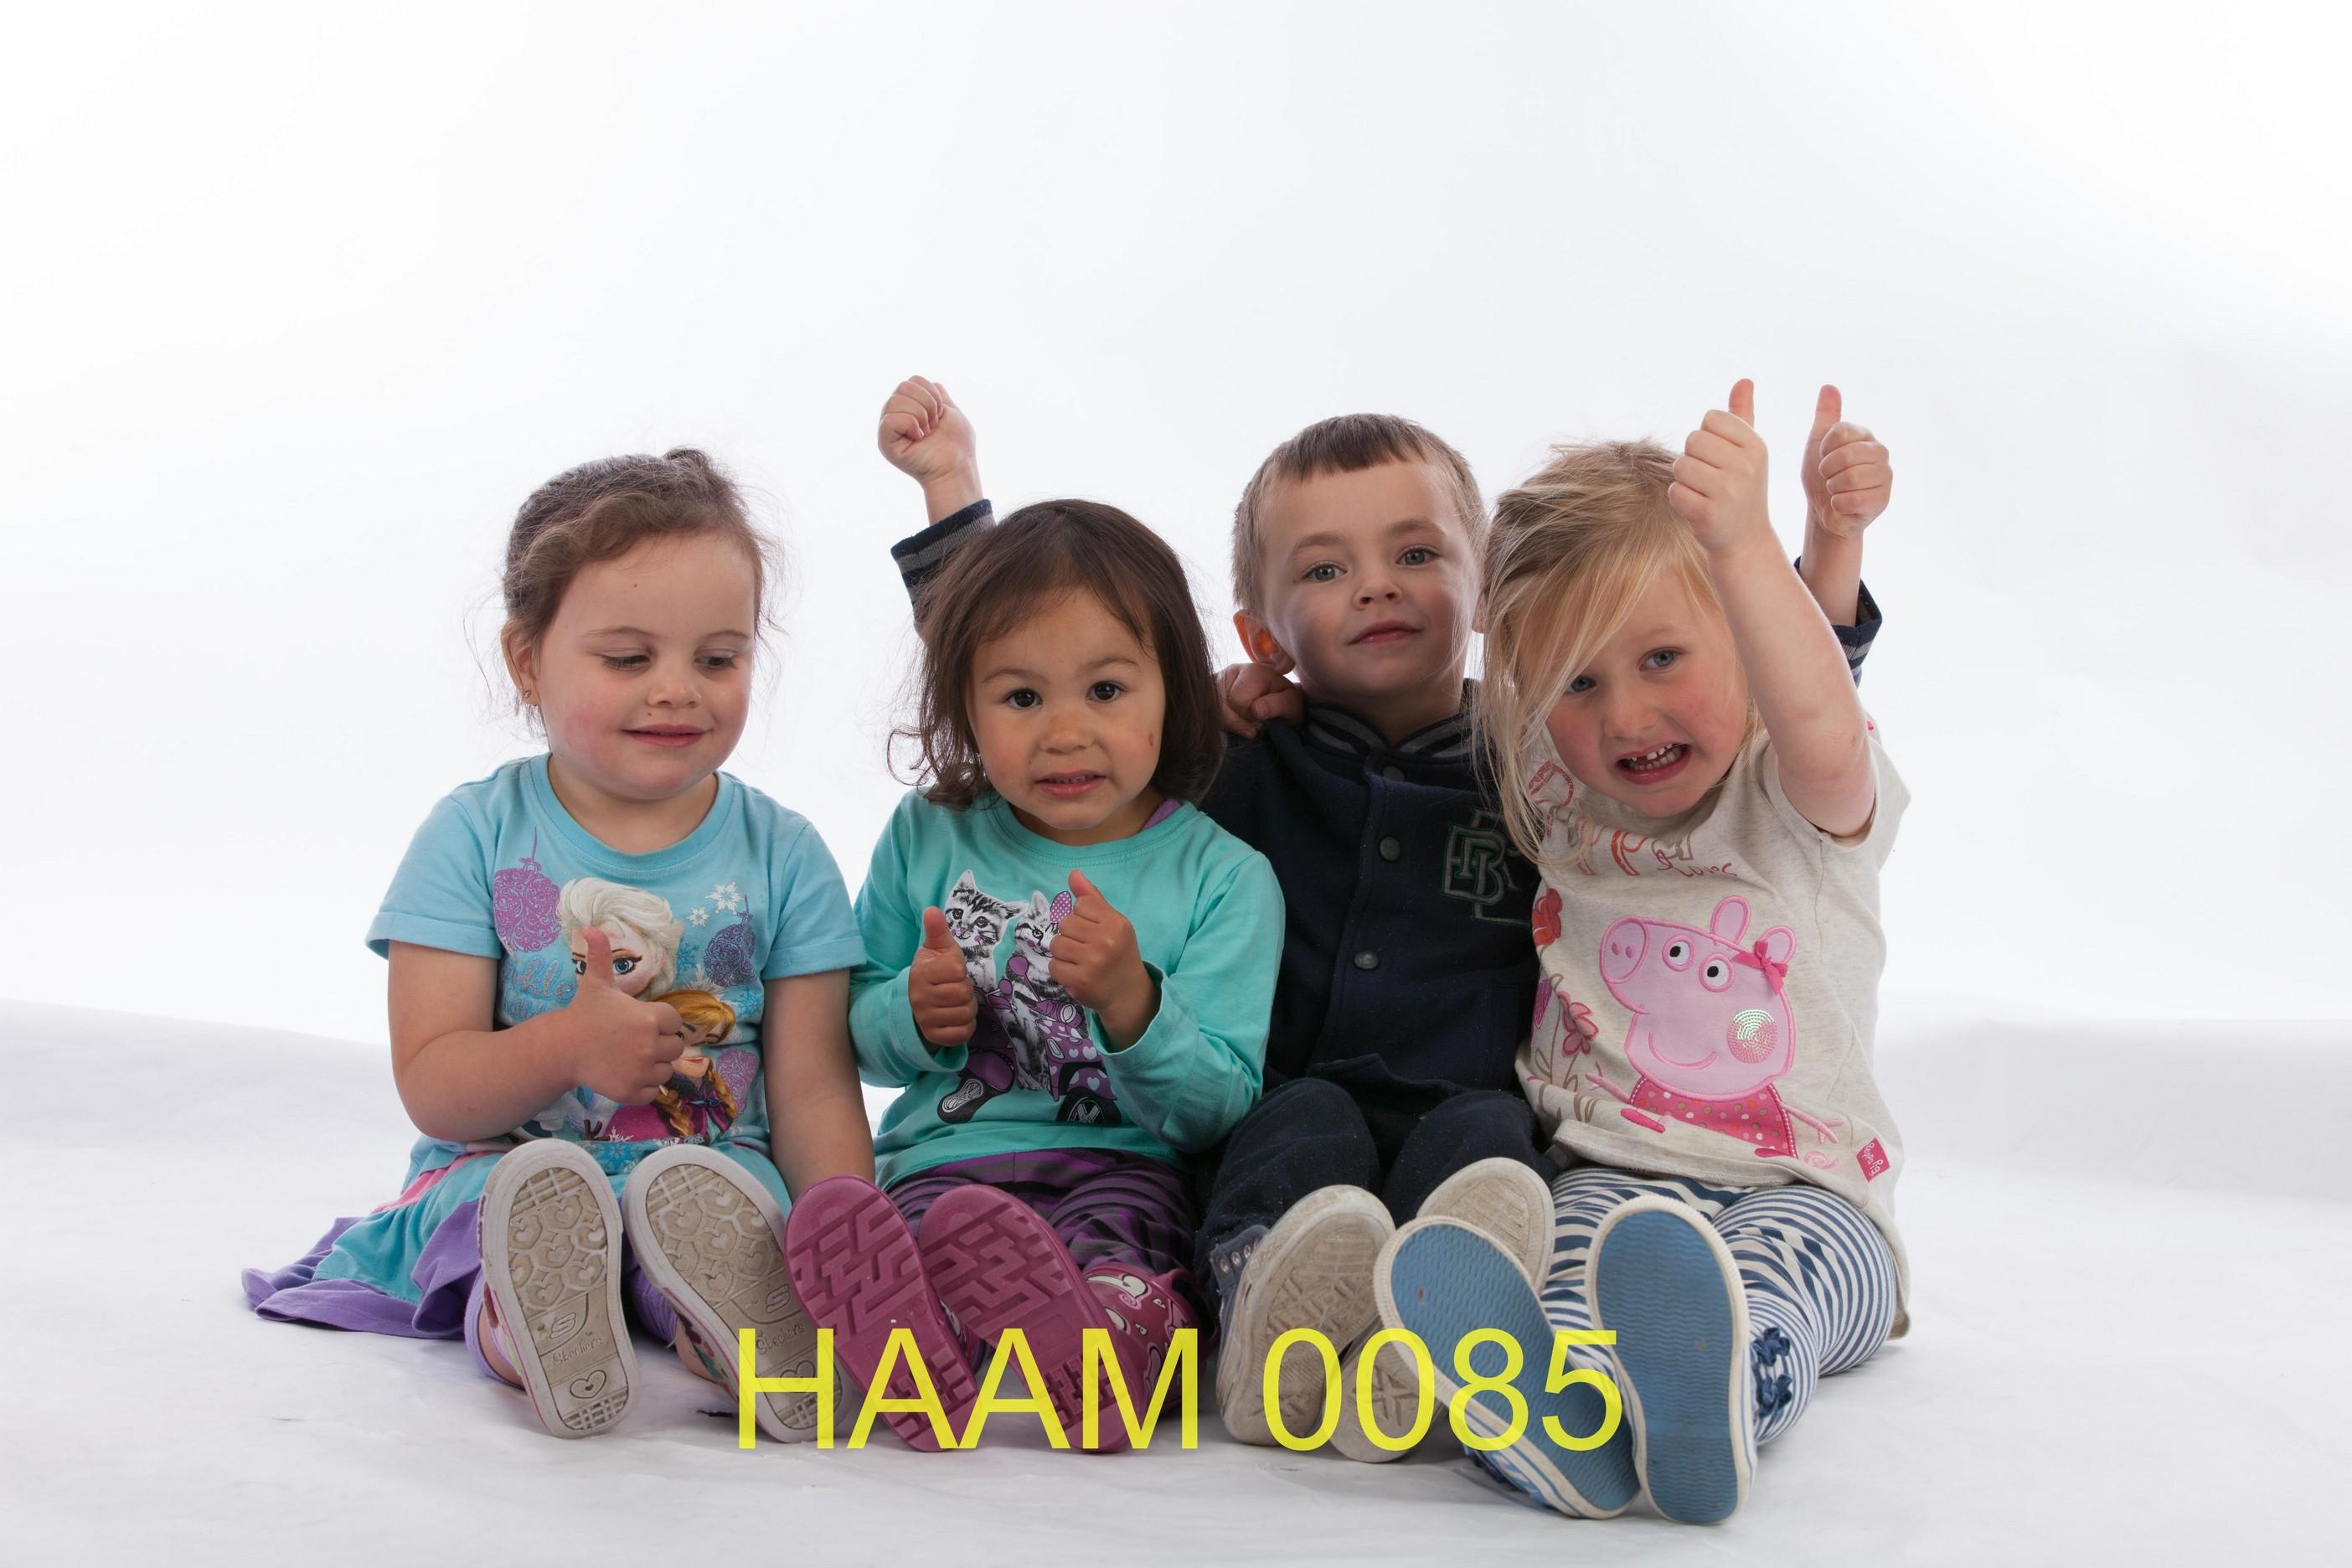 HAAM 0085